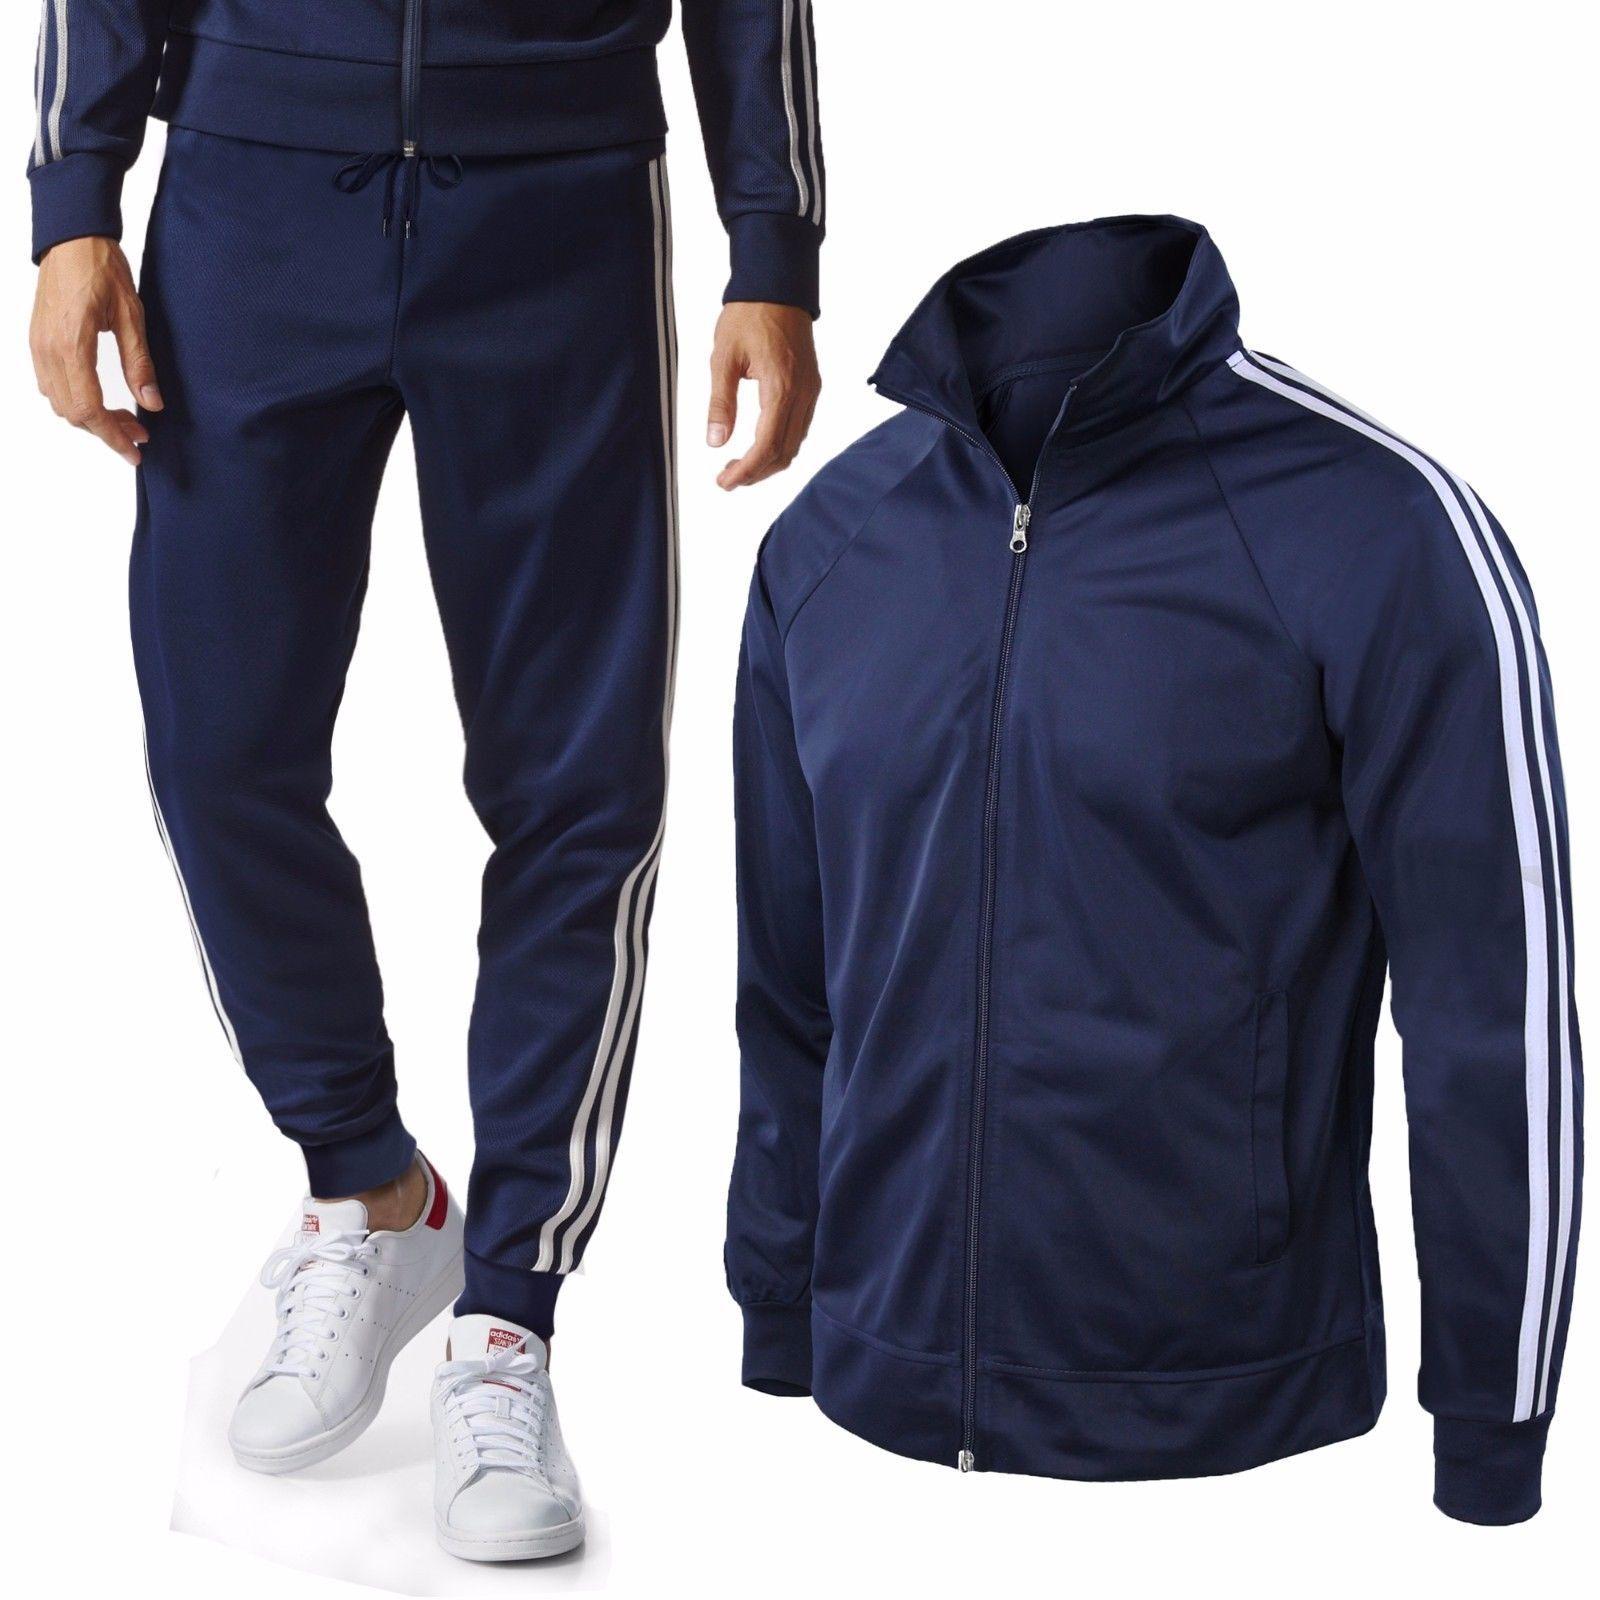 Tuta Uomo Maglia e Pantaloni Basic Acetato Sport Fitness Casual GIROGAMA 6393T